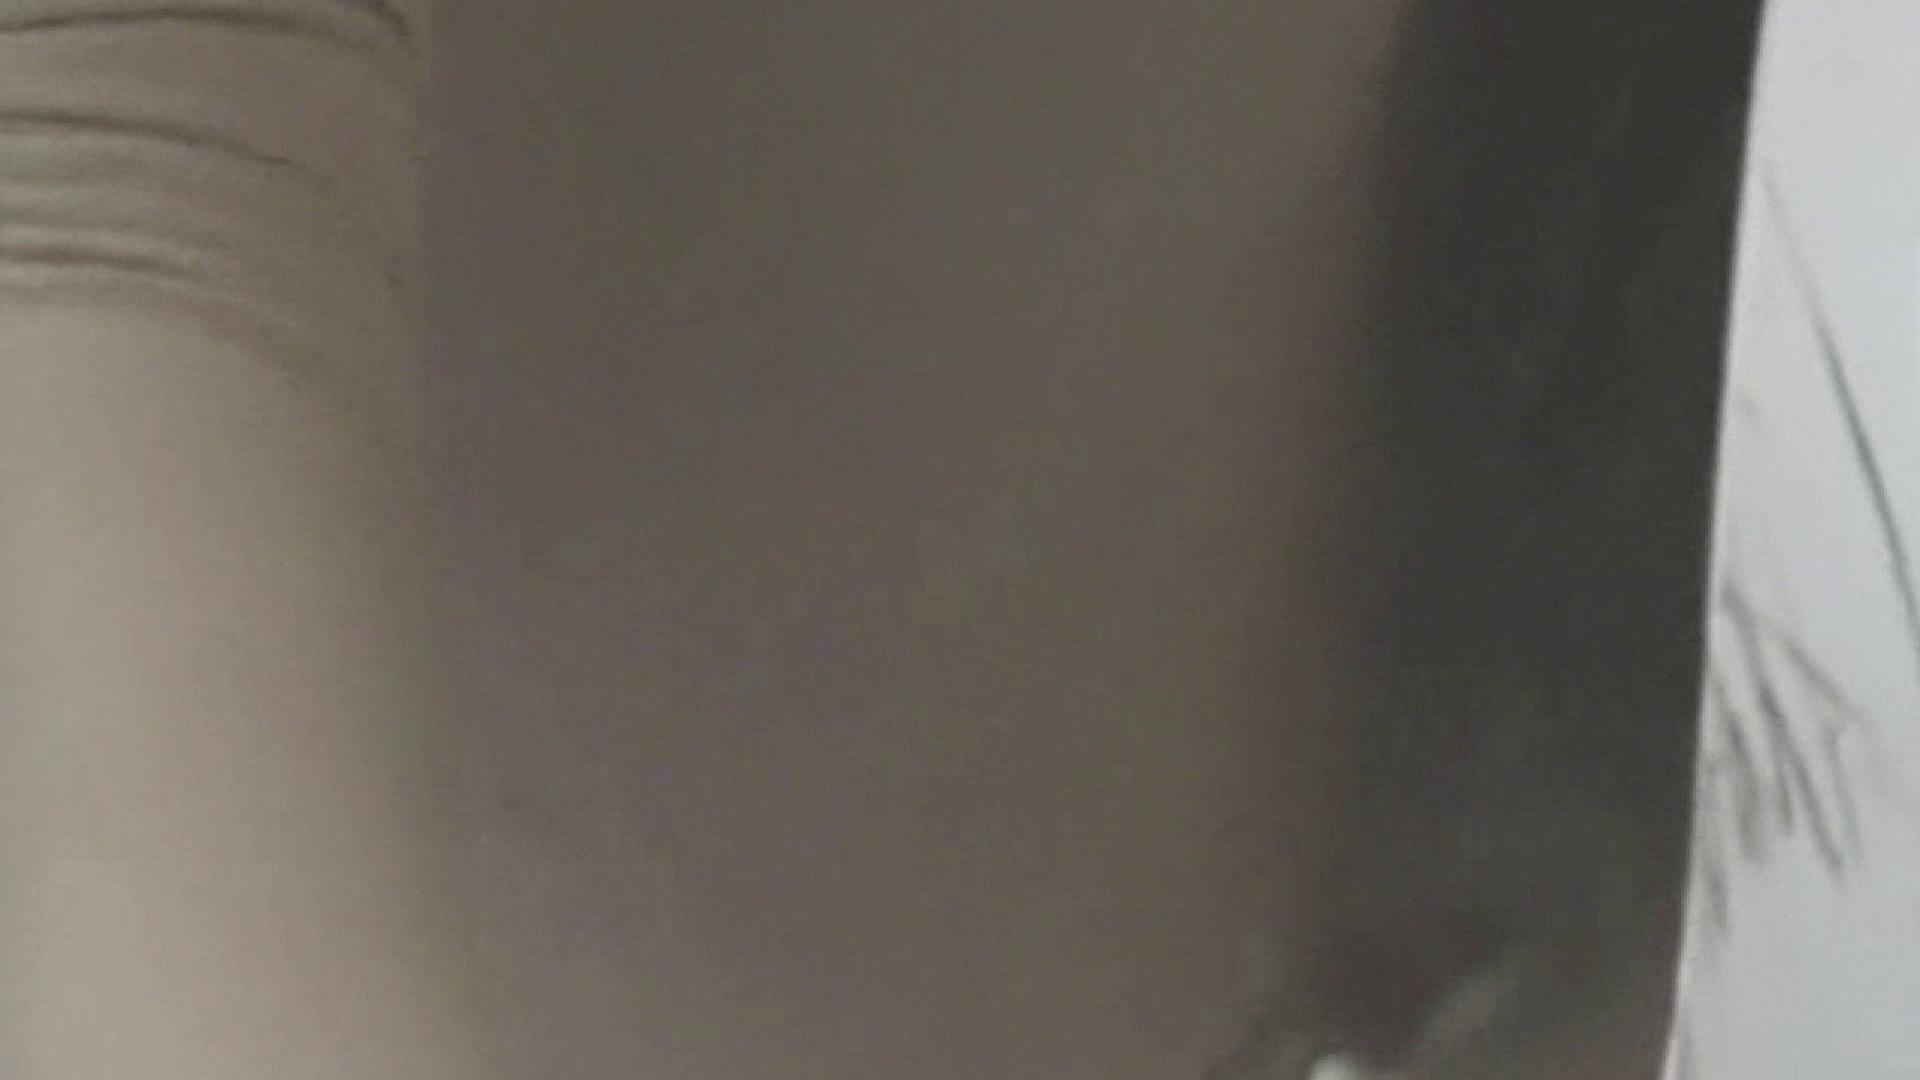 ロックハンドさんの盗撮記録File.38 女体盗撮 盗撮動画紹介 94連発 34